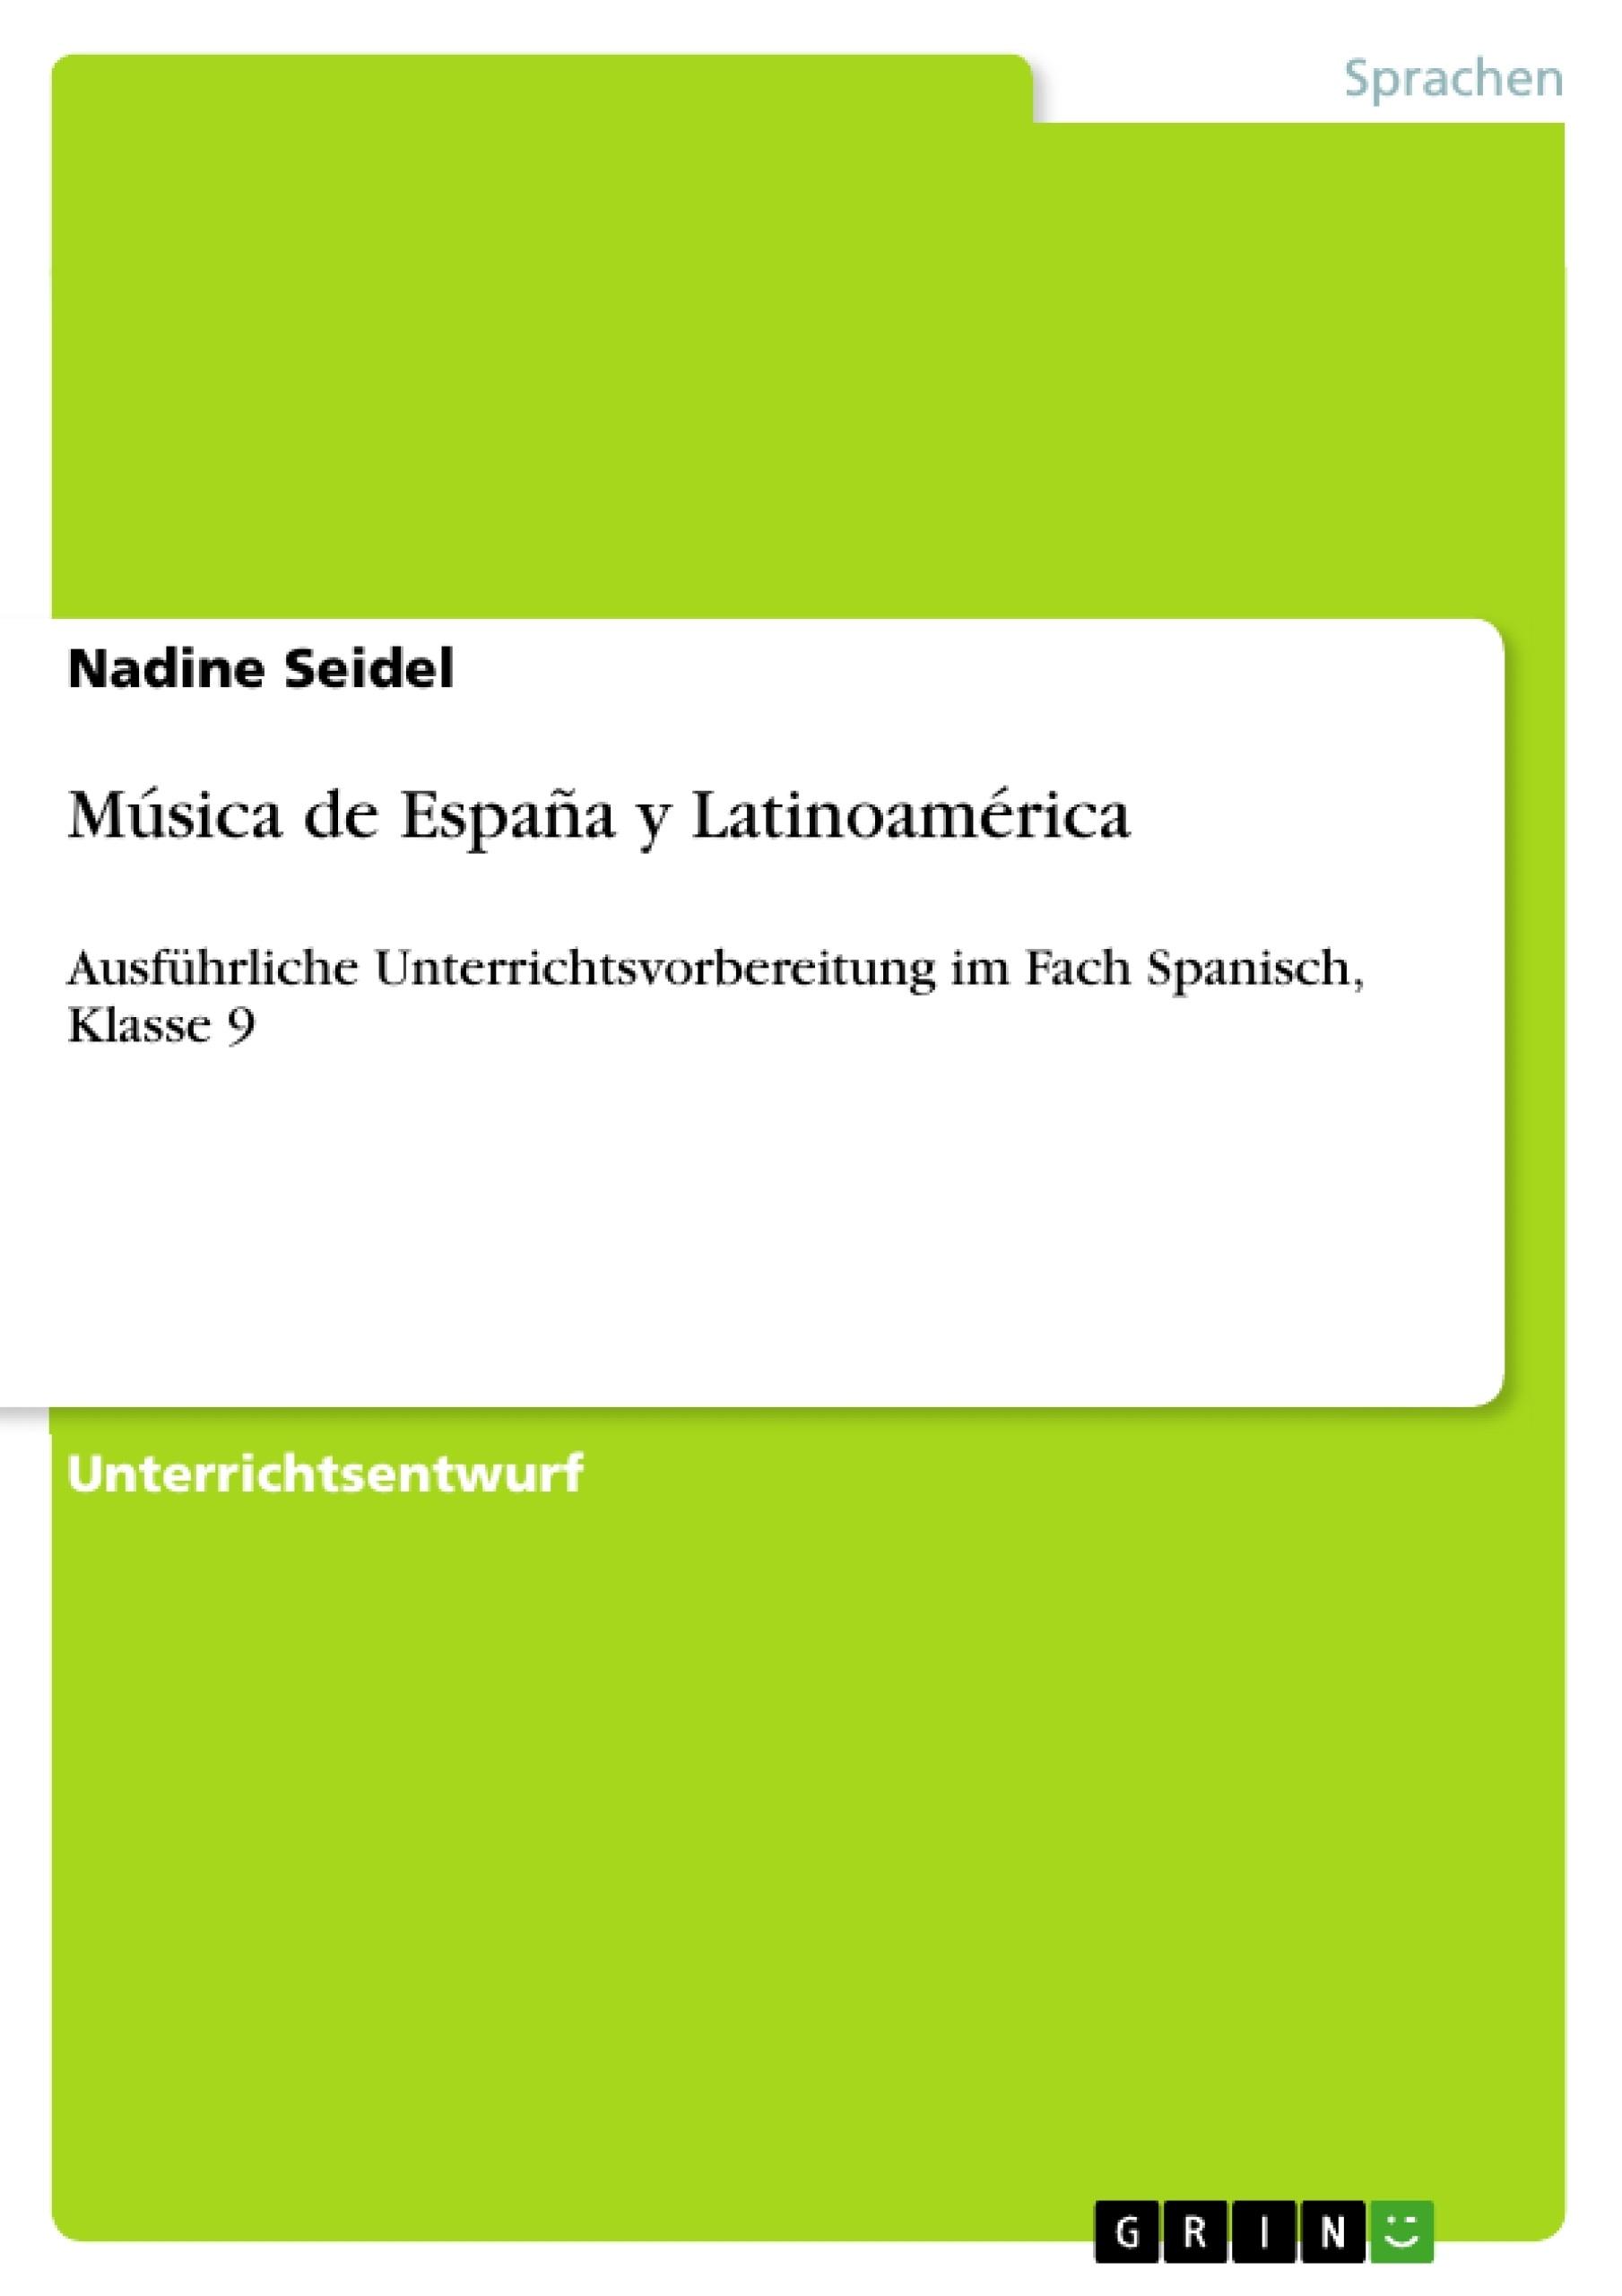 Titel: Música de España y Latinoamérica